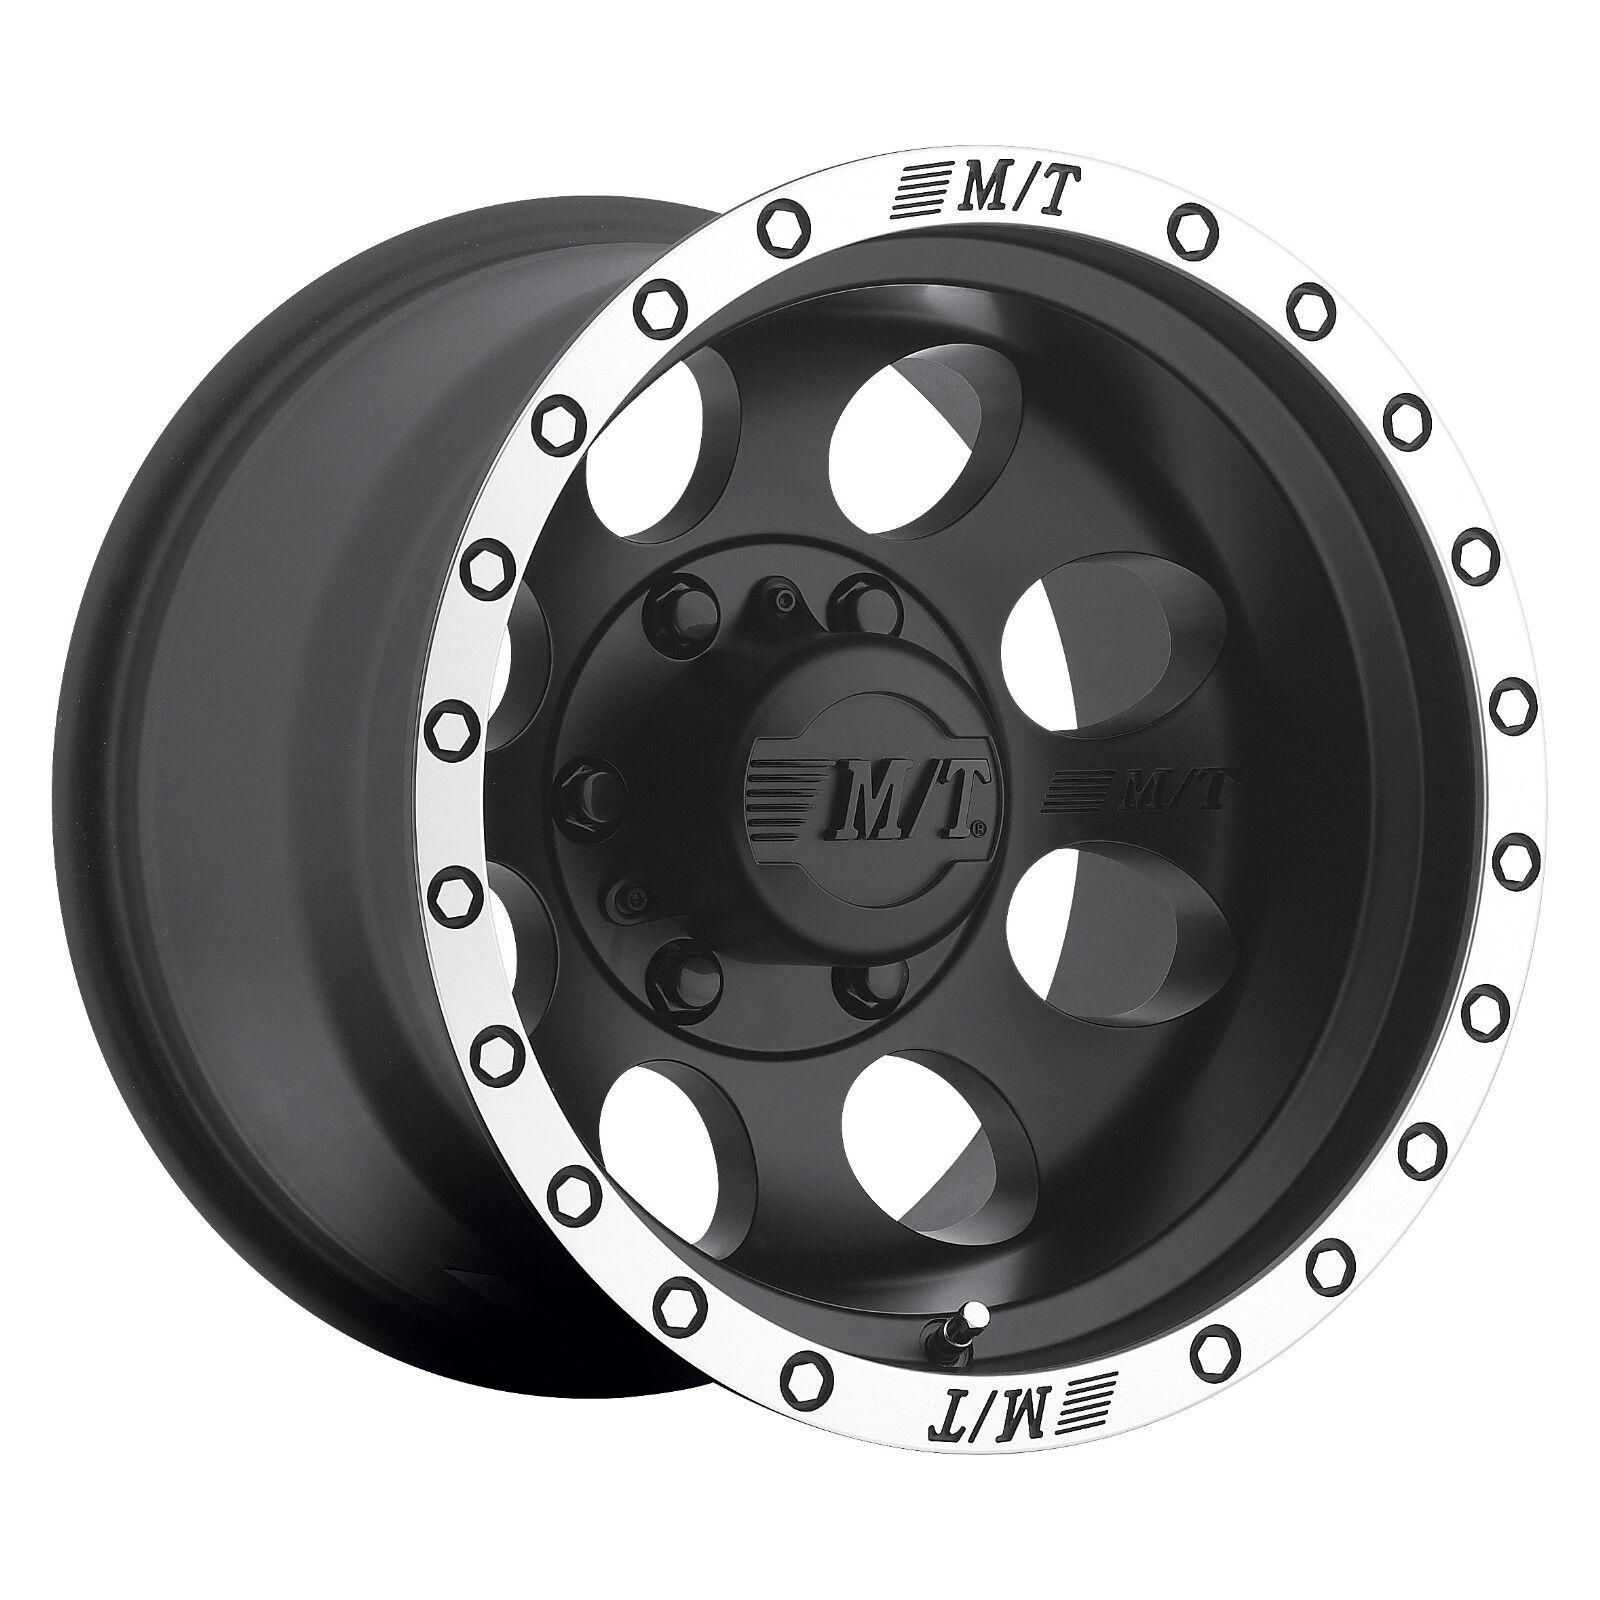 Alloy Wheel Locking Lock Nuts x4 For Nissan Patrol all N1